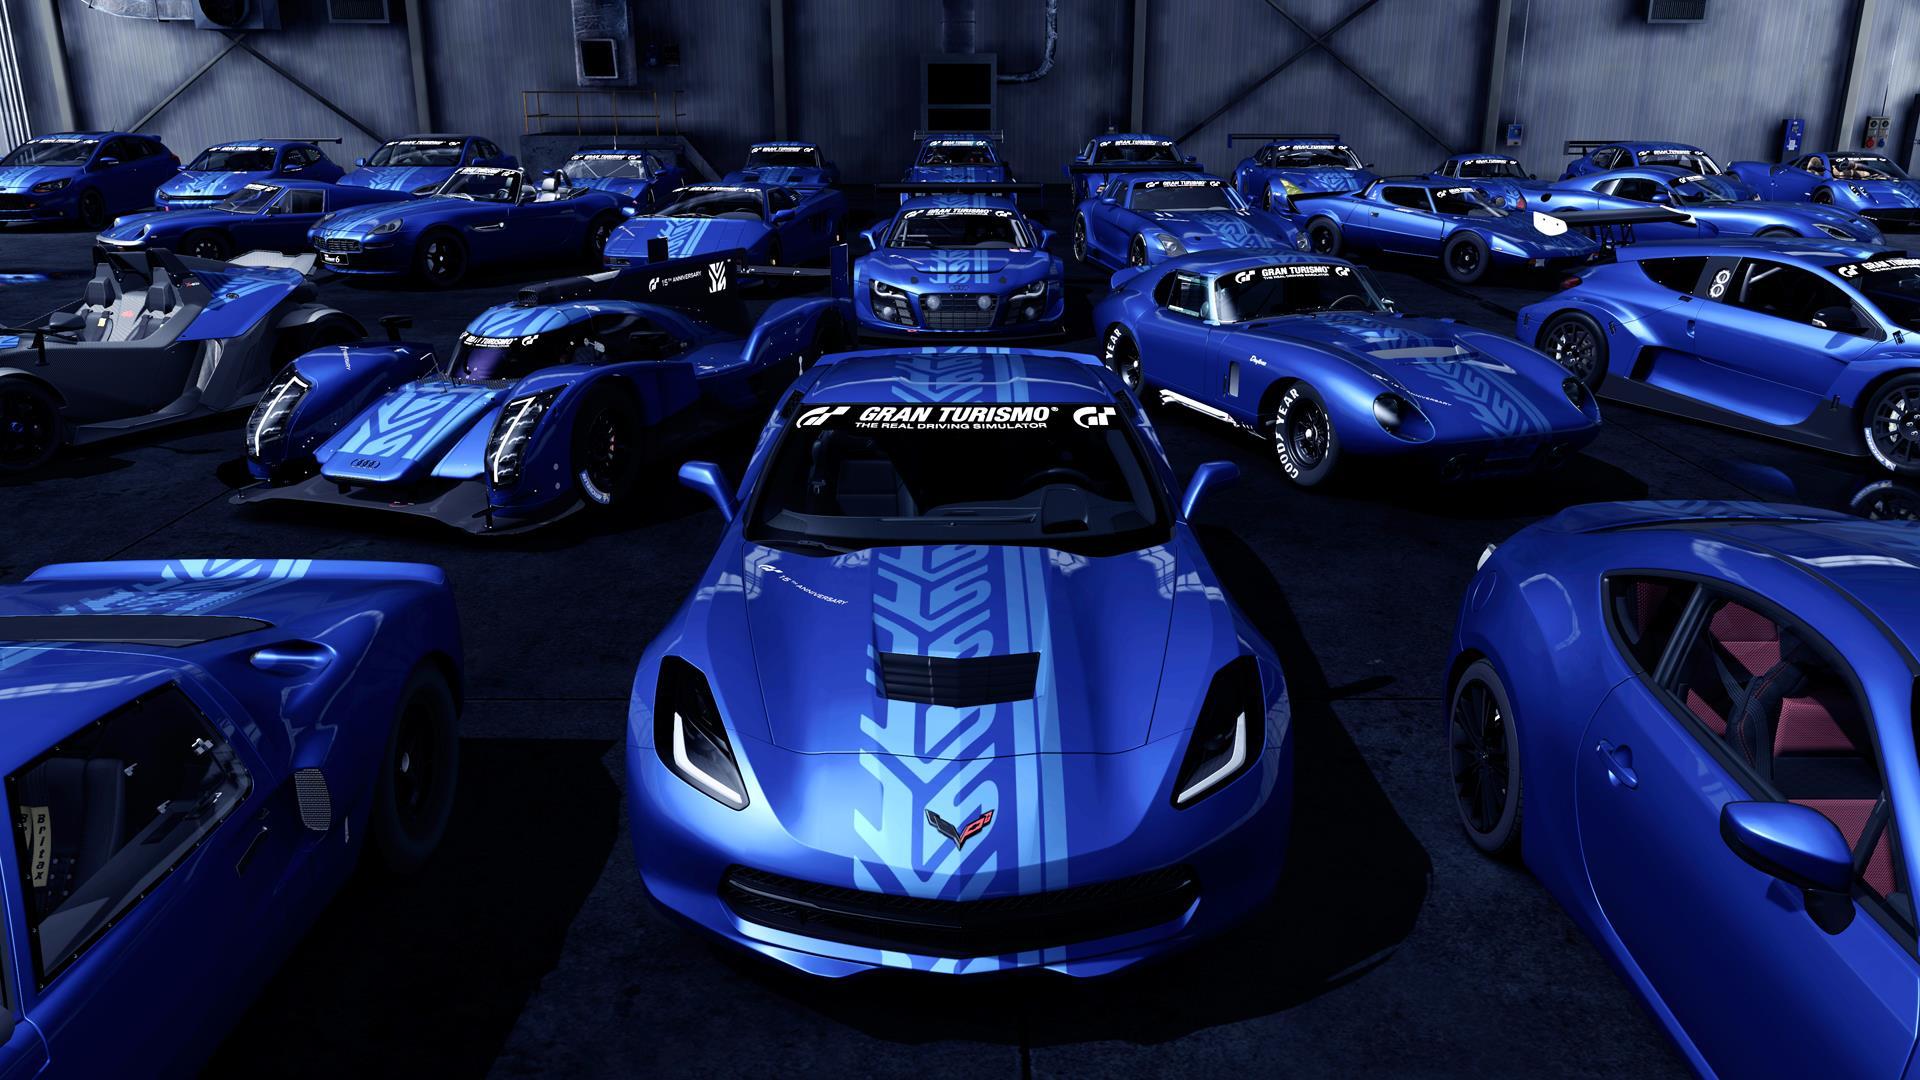 Gran-Turismo-6-Pre-Order-Cars